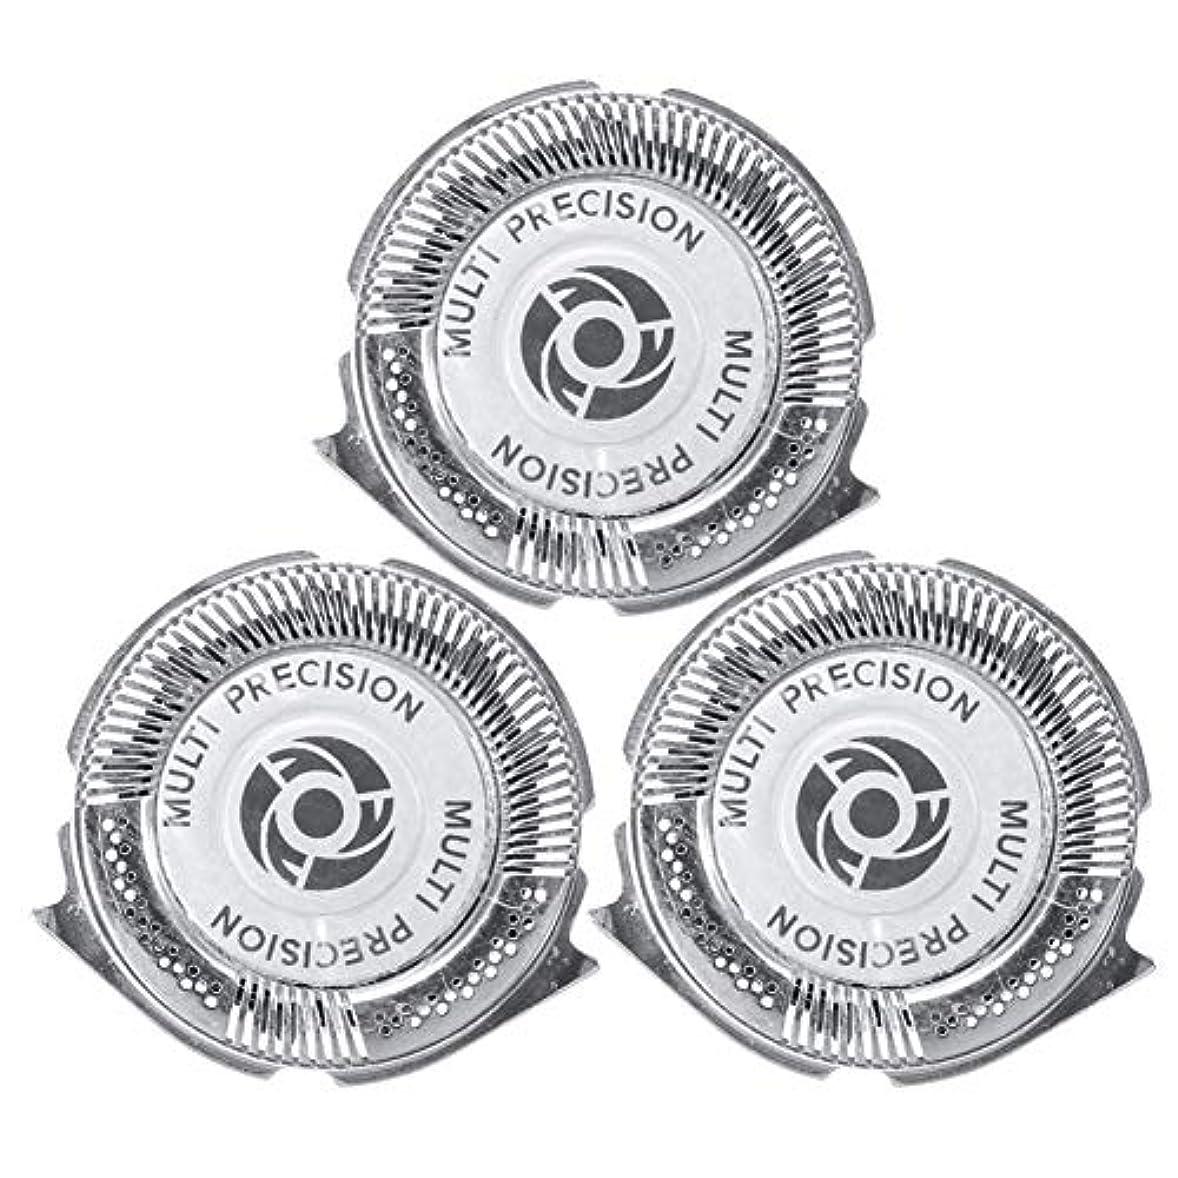 ハリケーン教義古いシェーバー ヘッド 替刃 シェーバーカミソリヘッド交換替え刃 替刃3個入り Philips Series 5000 Shaver SH50/51/52 HQ8に適用